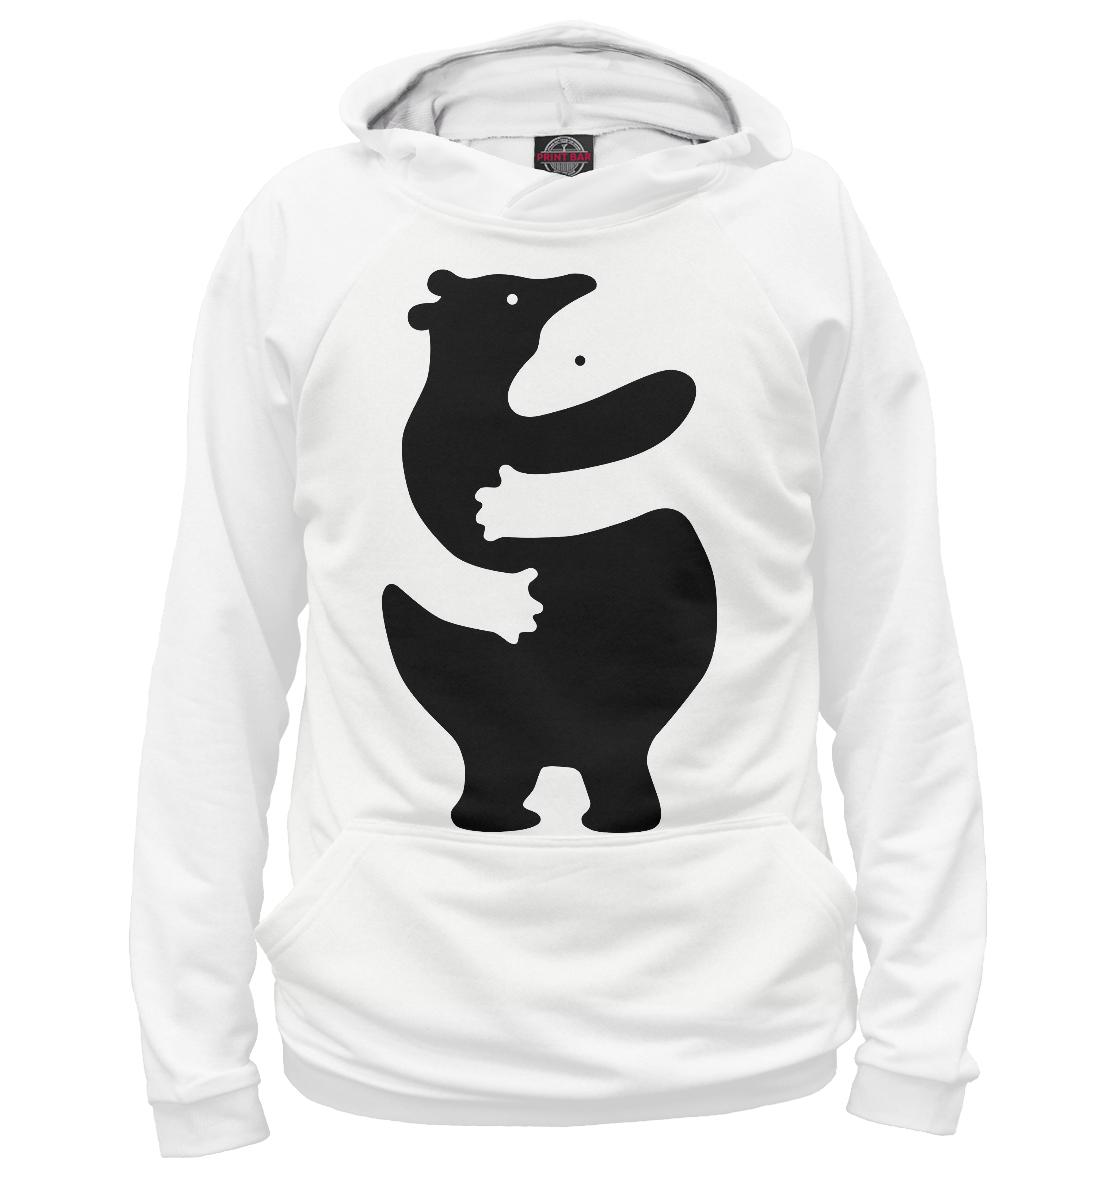 Купить Обнимающиеся медведи, Printbar, Худи, MED-755599-hud-1